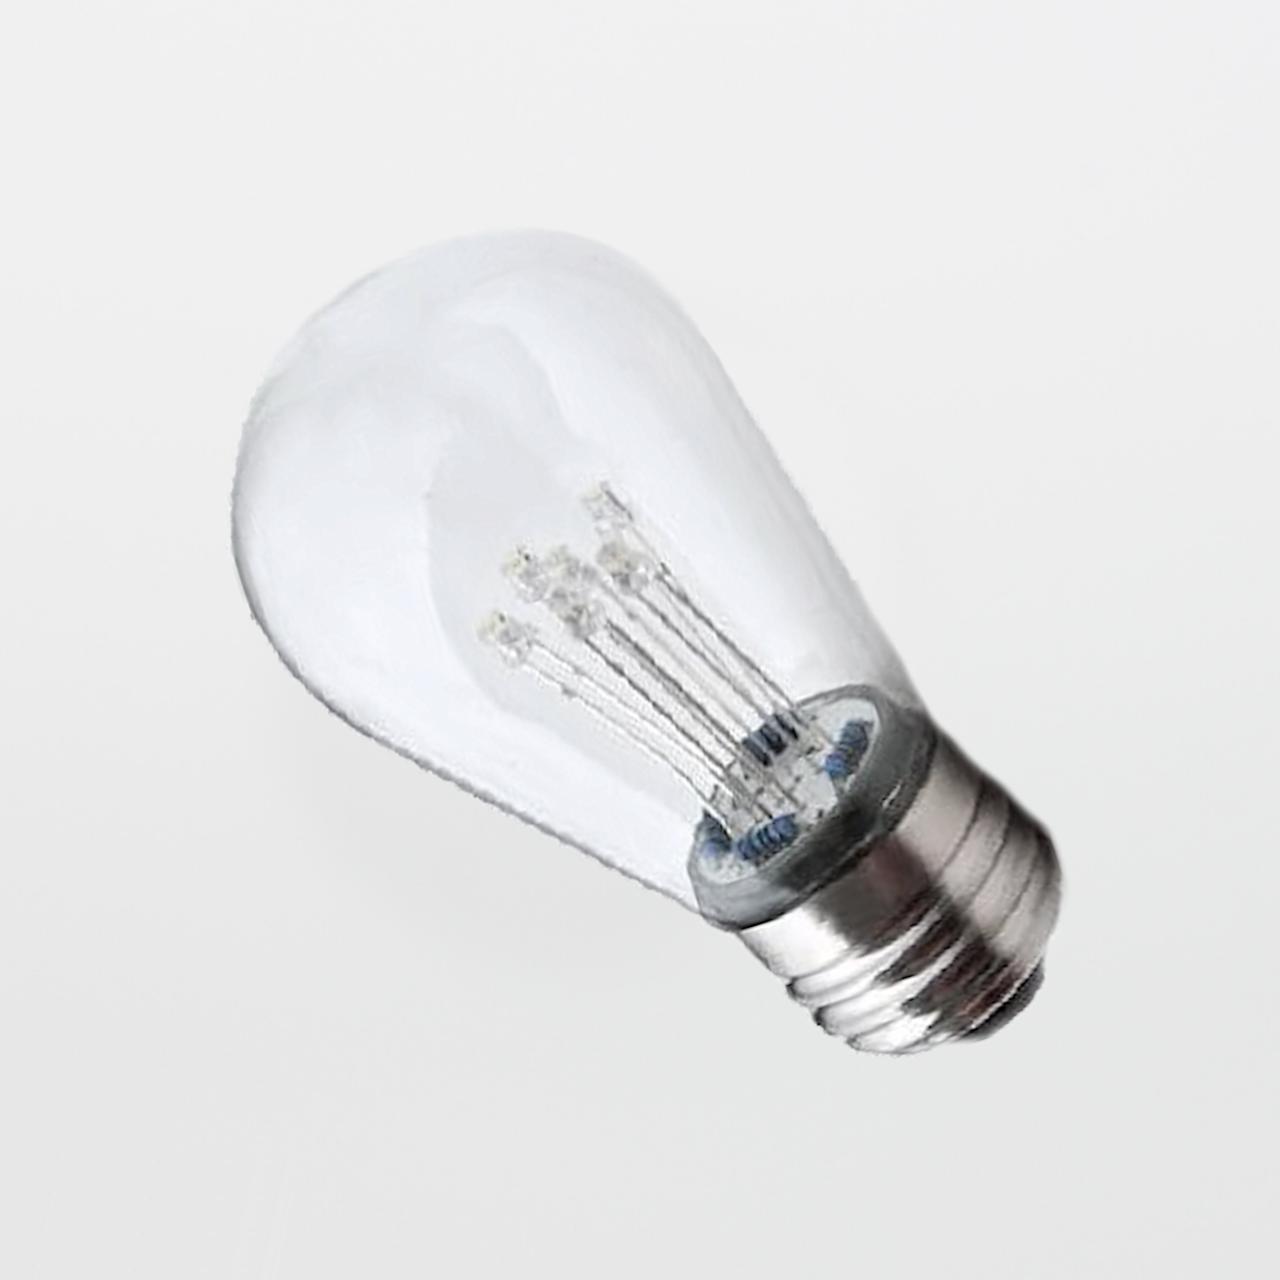 S14 Clear LED Bulb